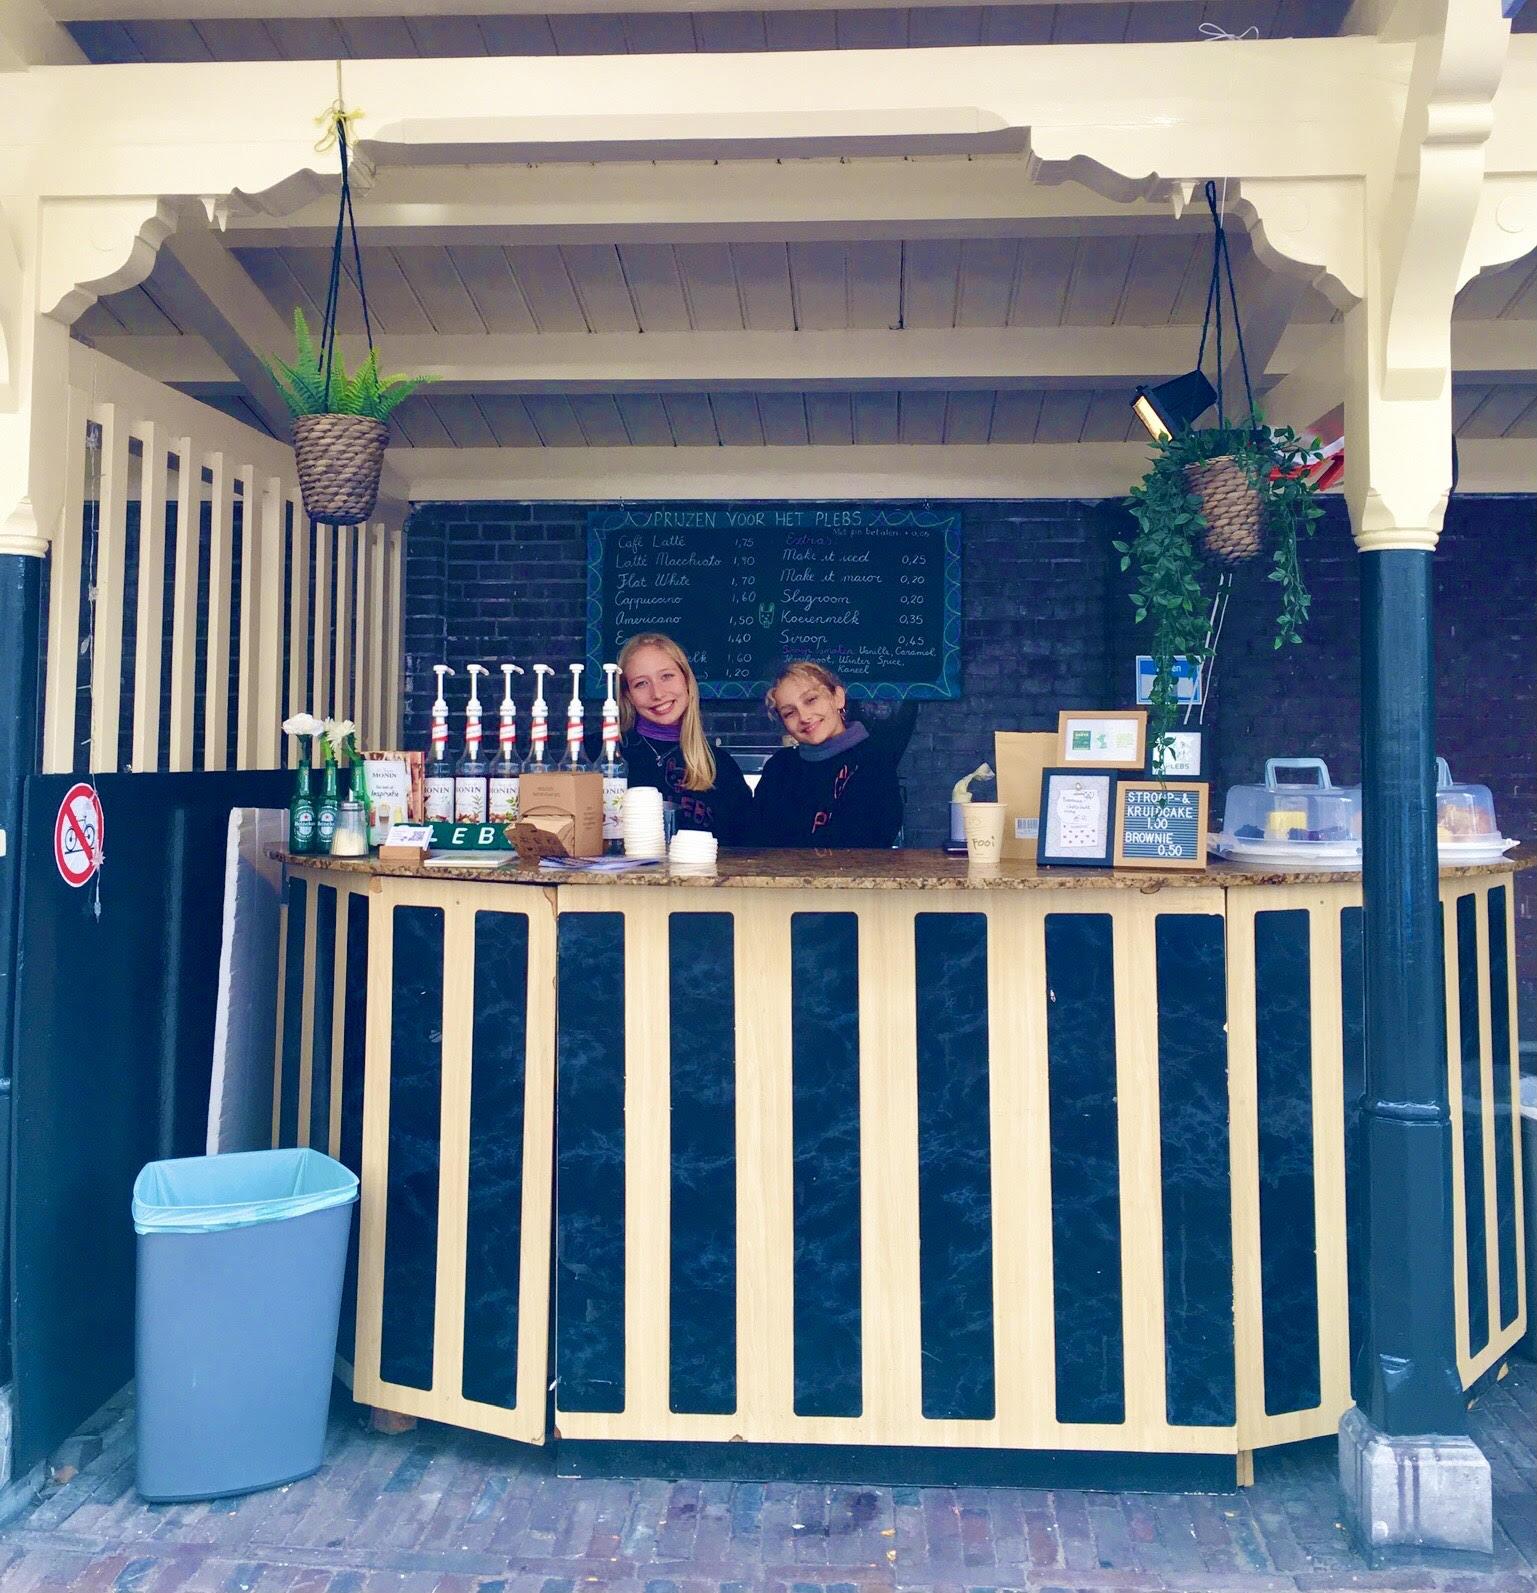 Milieuvriendelijke koffie, thee en chocolademelk bij PLEBS op het schoolplein